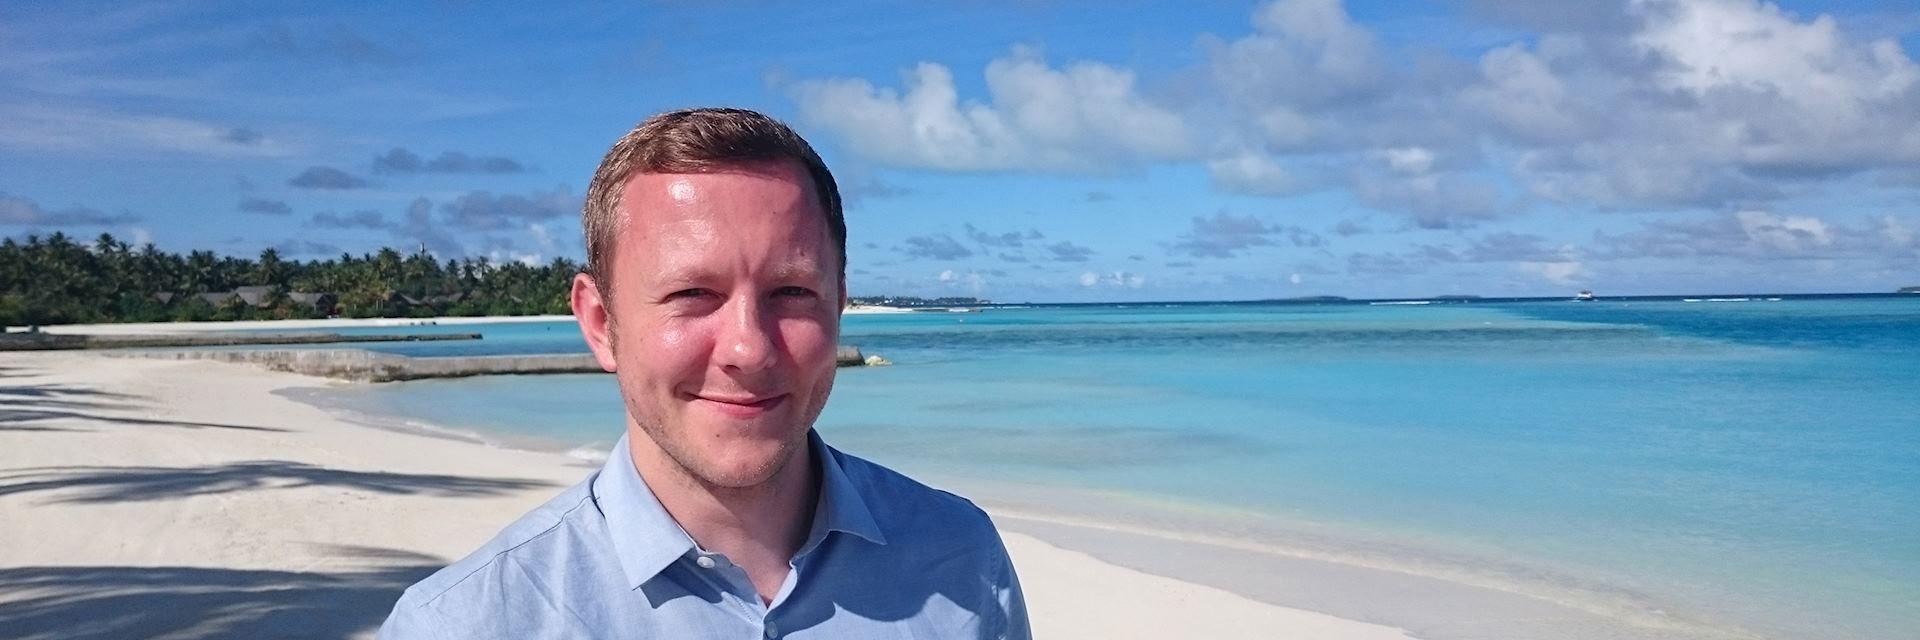 Matt, Niyama, the Maldives